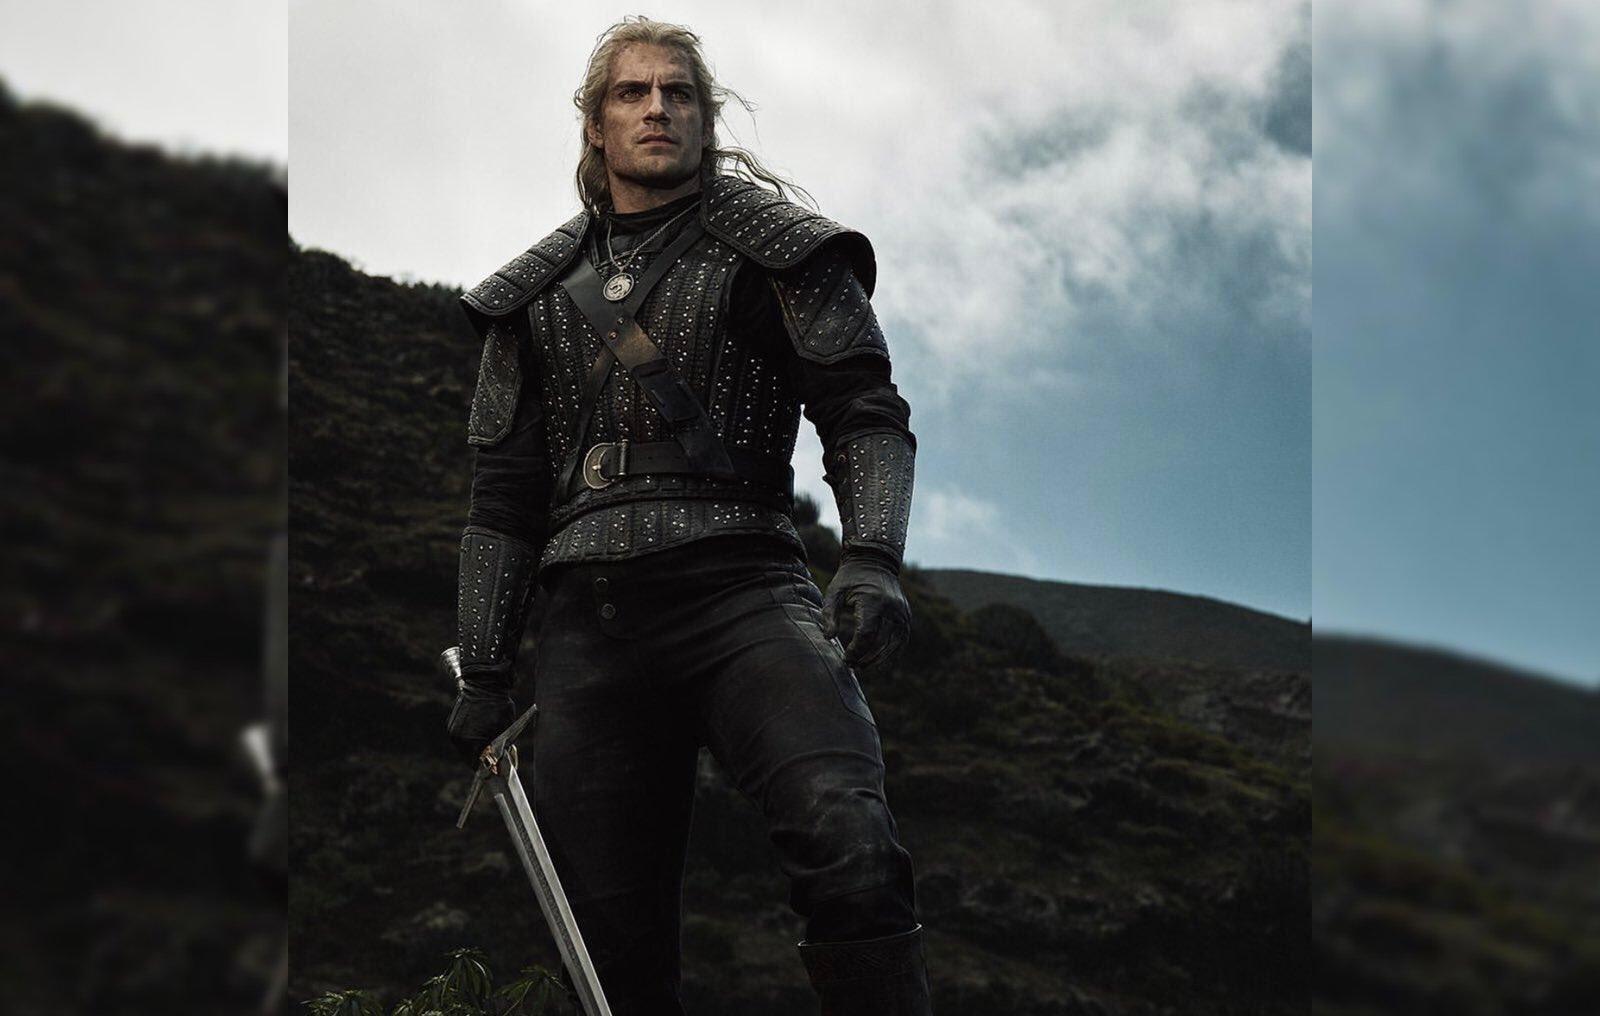 Les images promotionnelles de Witcher révèlent le look de la série Netflix